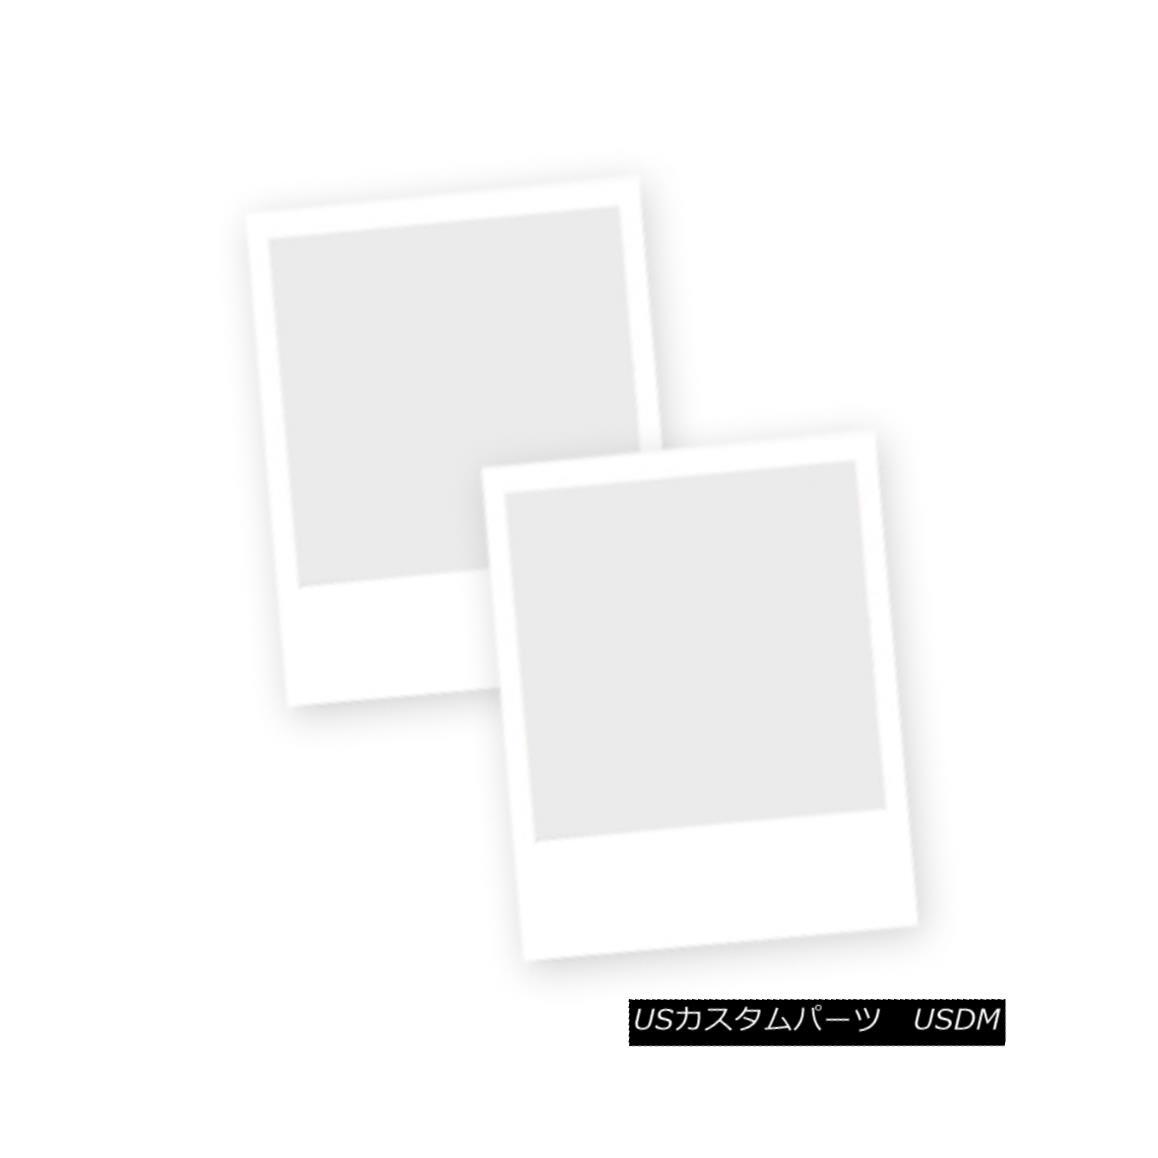 車用品 バイク用品 ふるさと割 >> パーツ 外装 エアロパーツ その他 ガルウィングキット Autoloc AUTUDSSHX Vertical Shock Door AUTUDSSHXヘビーデューティーランボー垂直直立ドアショックアップグレード 4 Upright セール価格 Heavy Duty Upgrade Lambo